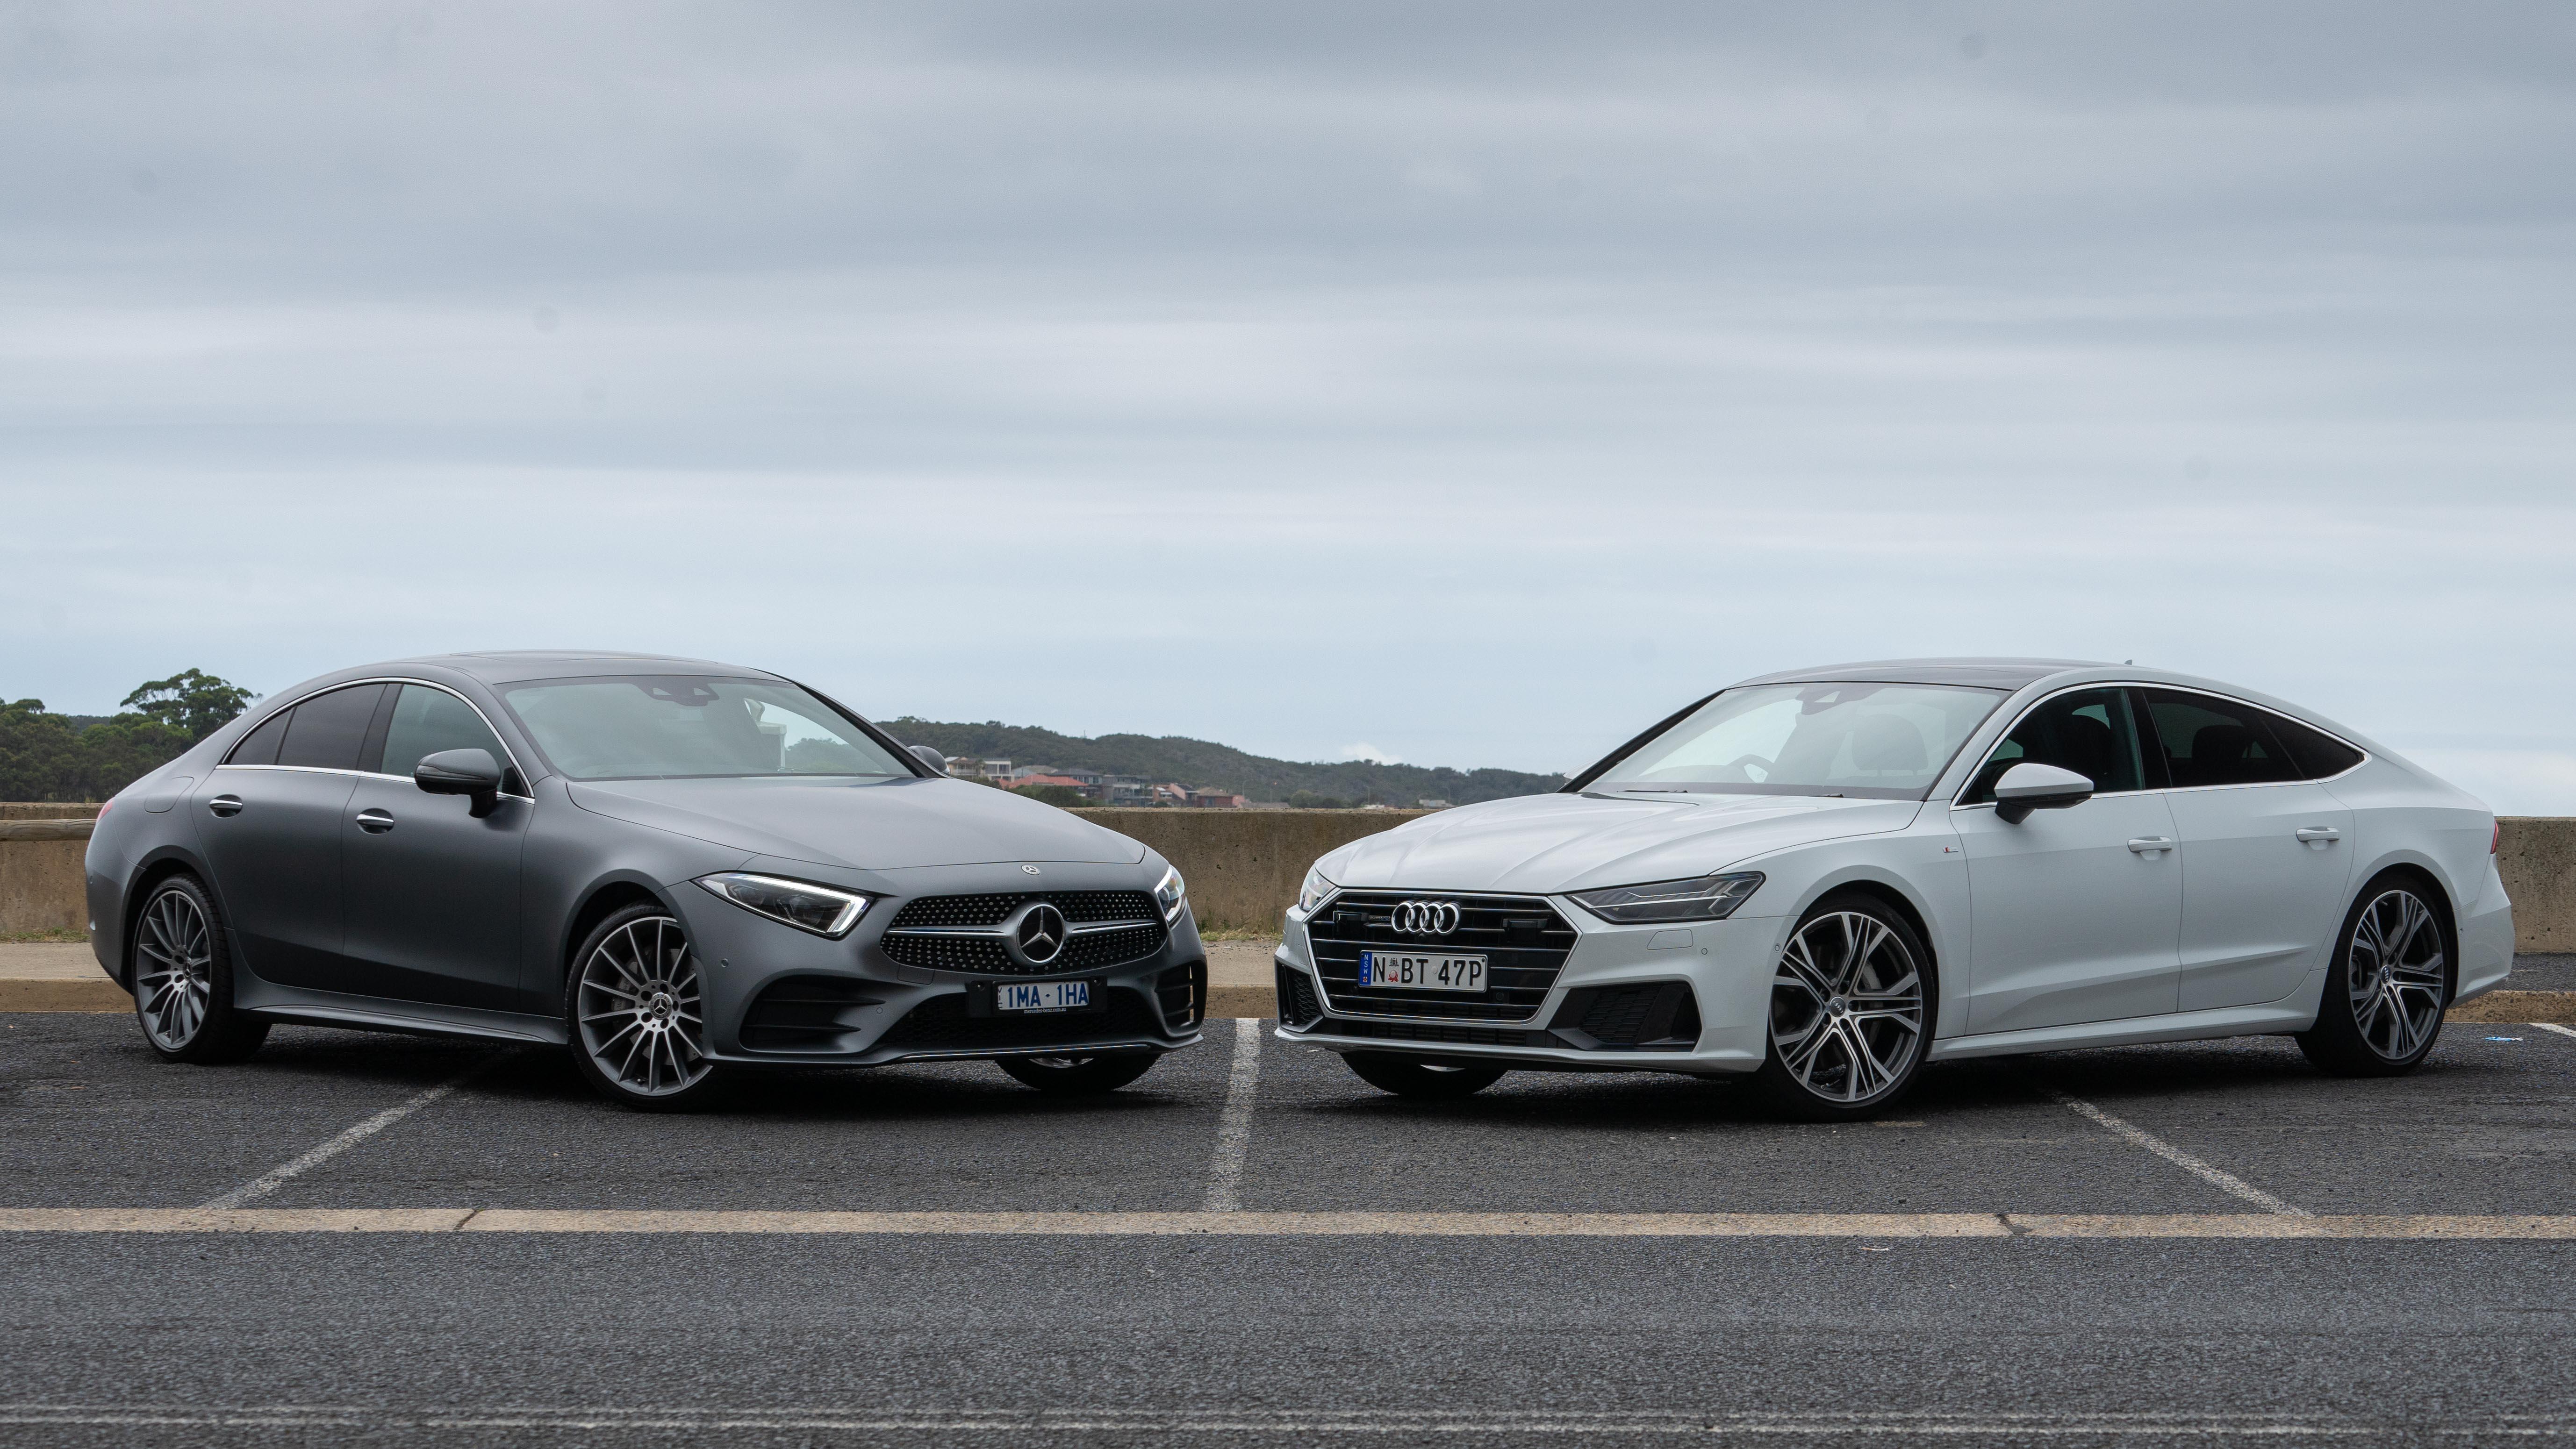 Head to head: 2019 Mercedes-Benz CLS 450 vs Audi A7 55 TFSI